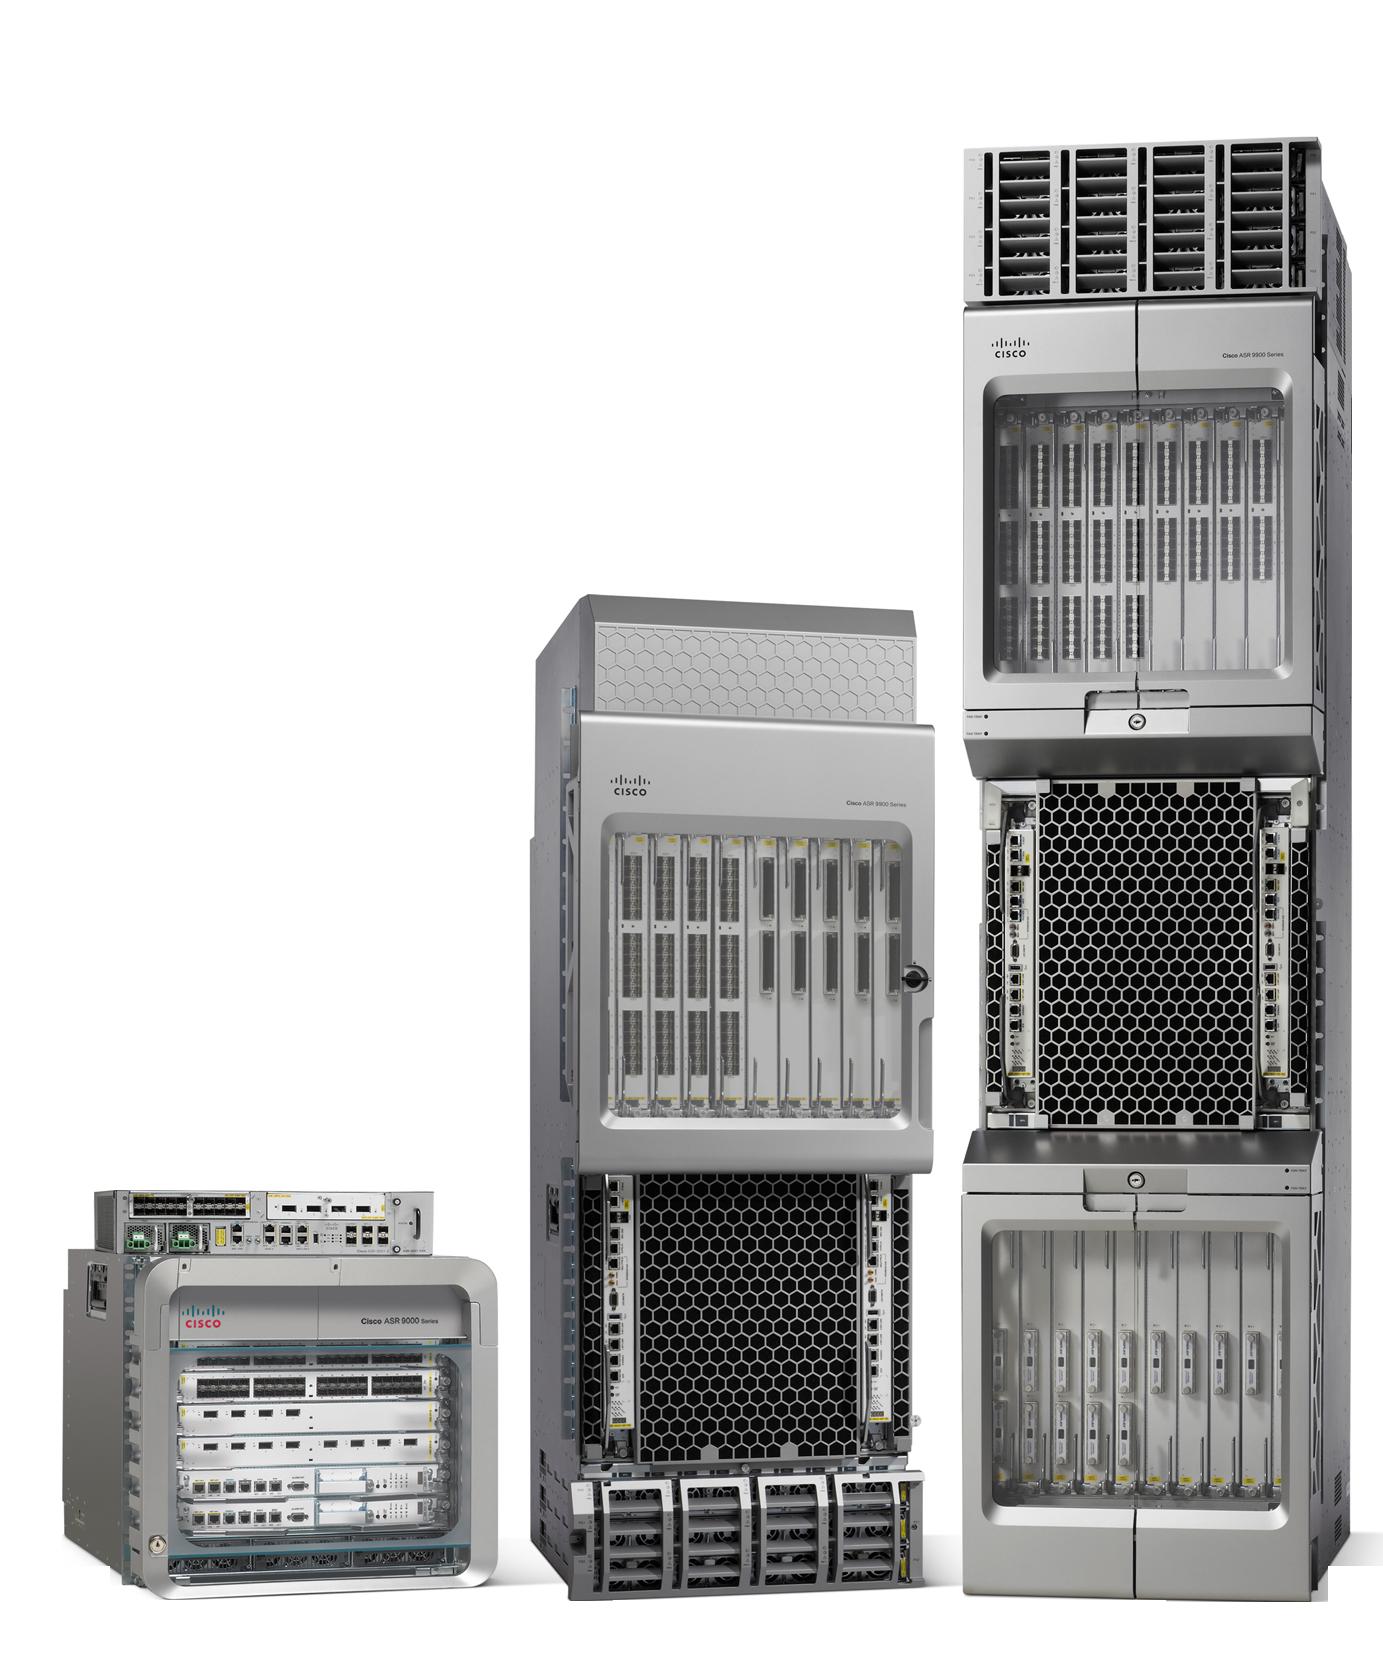 cisco asr routers